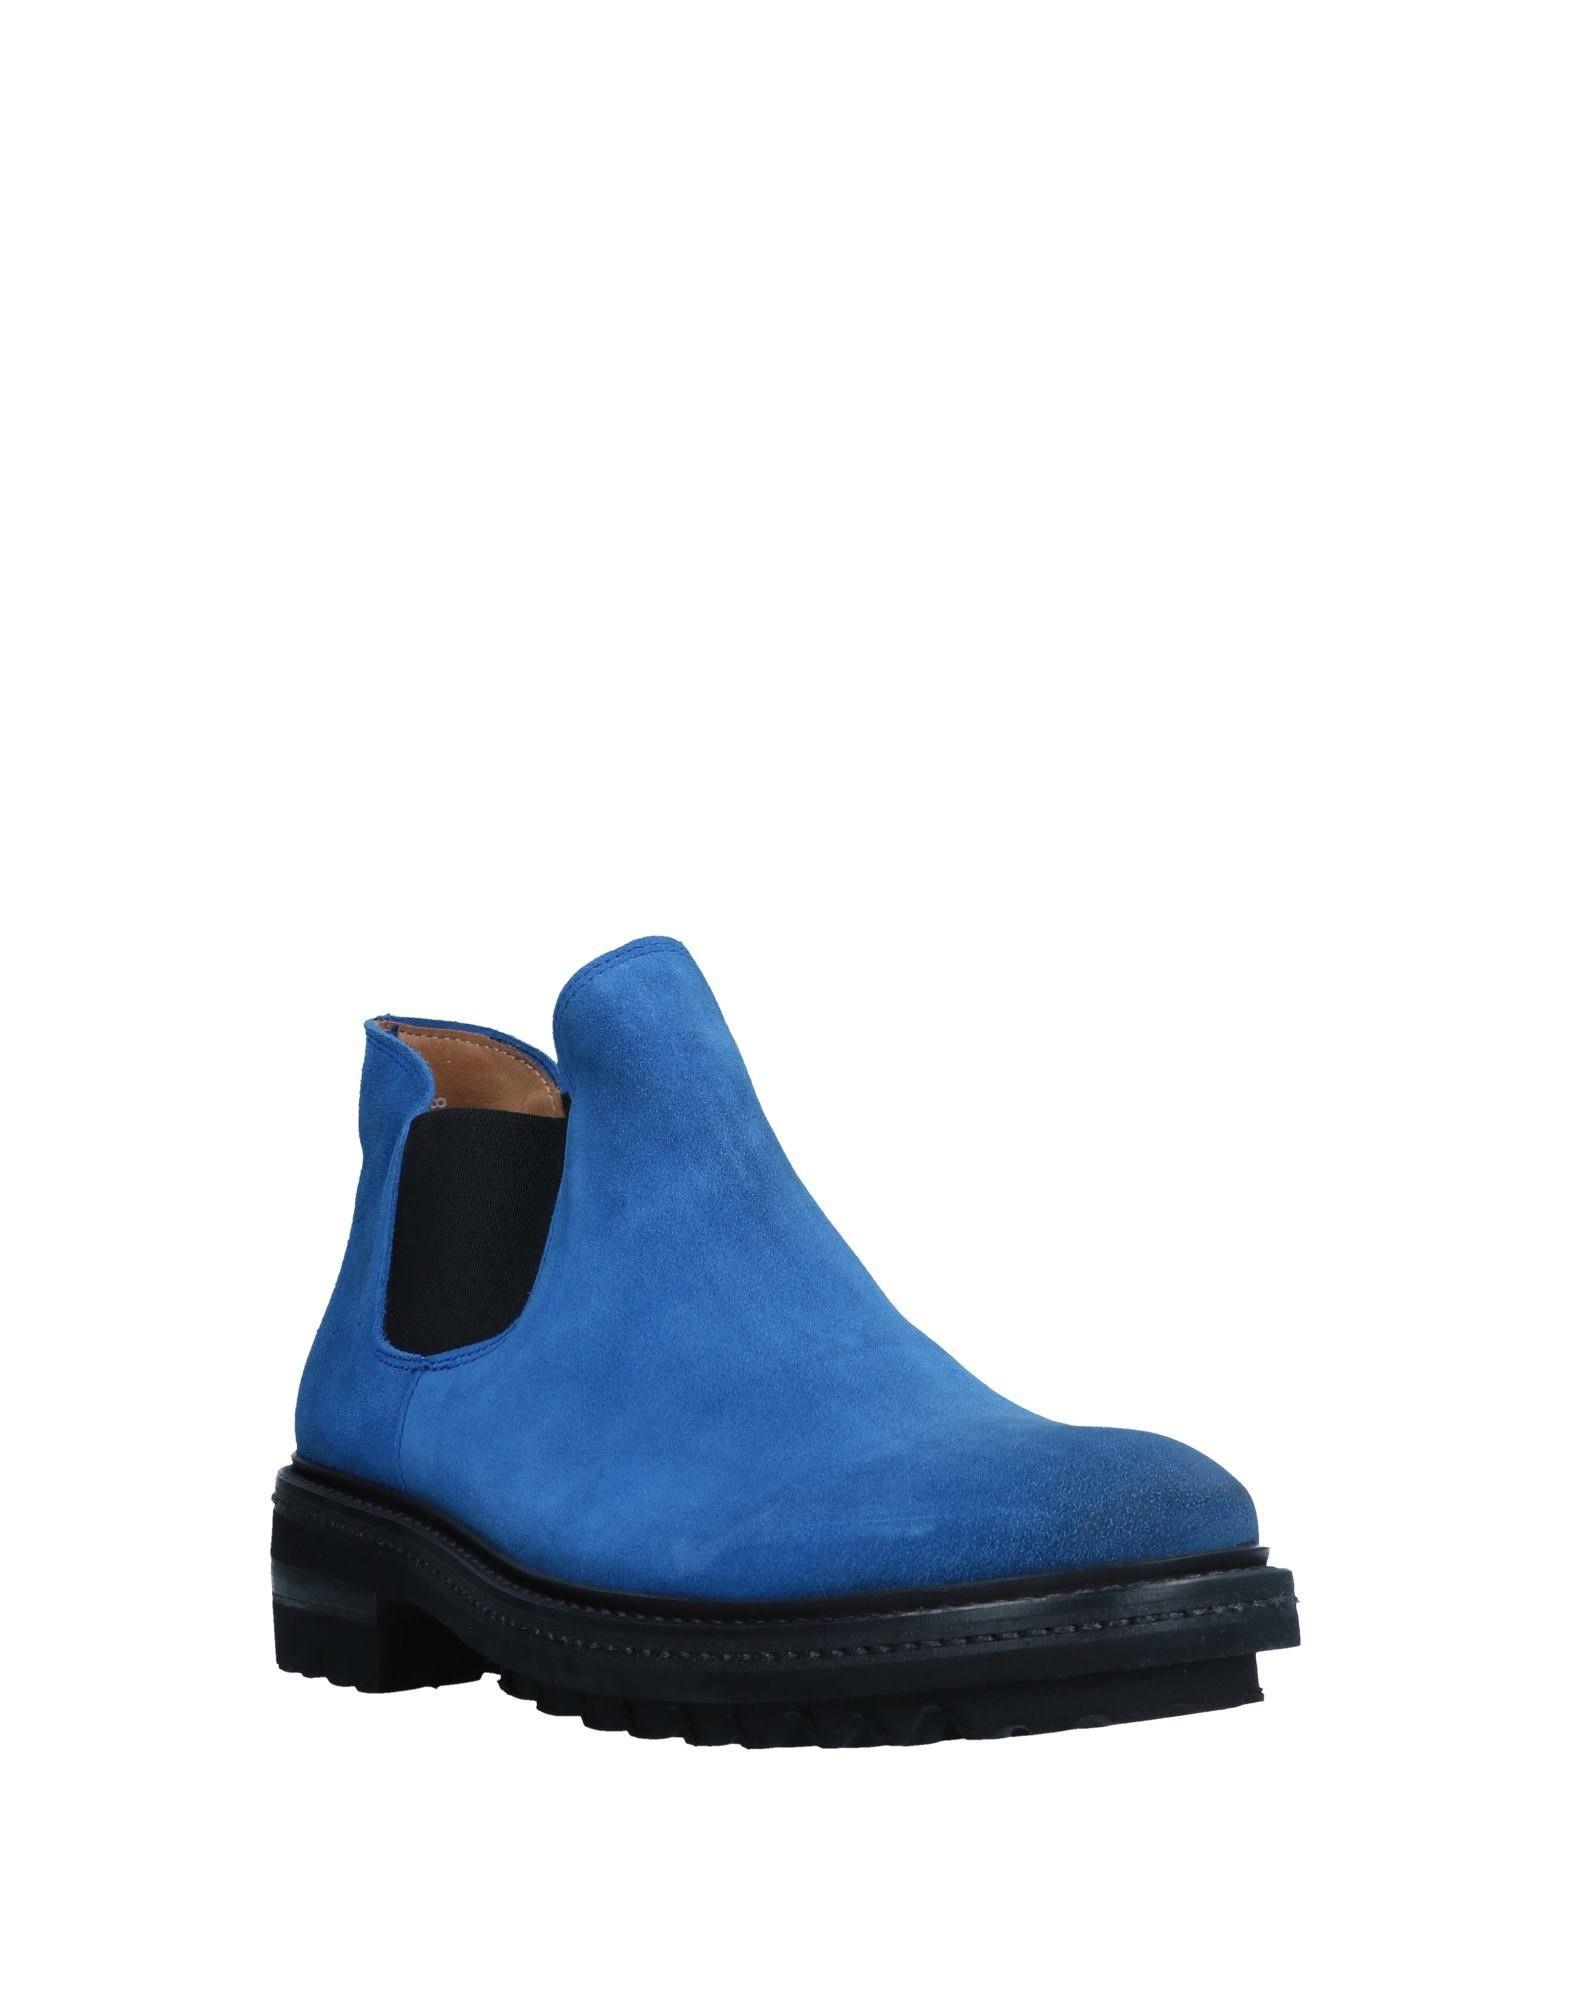 Seboy's Stiefelette Gute Herren  11544430JJ Gute Stiefelette Qualität beliebte Schuhe a786af